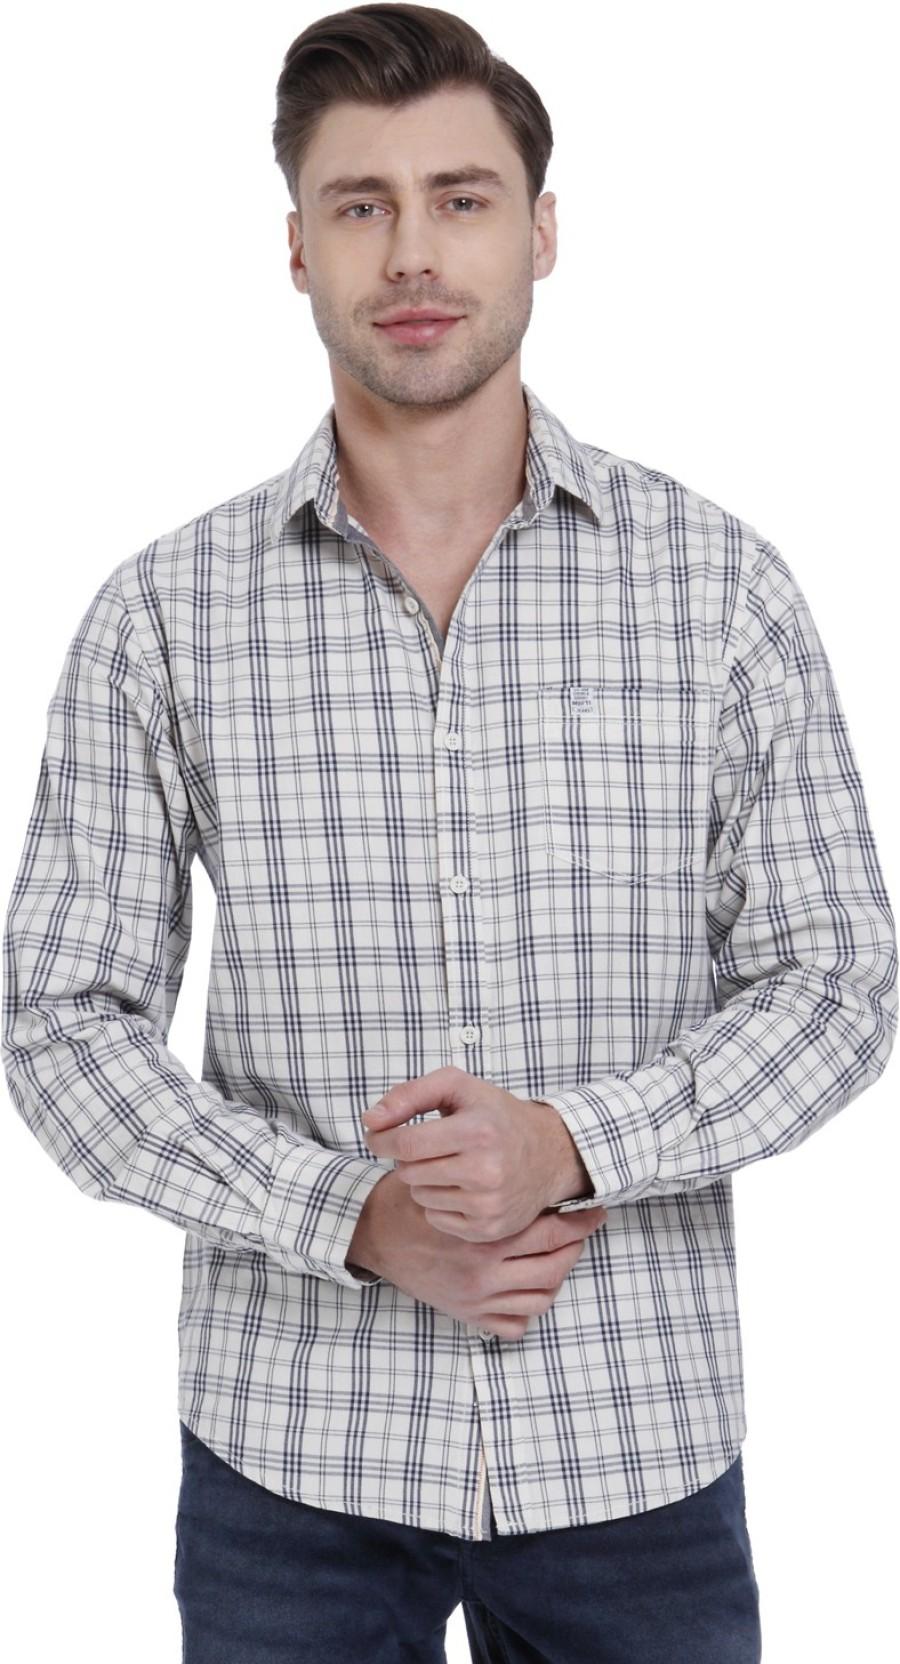 edc79515c59 Mufti Men Checkered Casual Beige Shirt - Buy Mufti Men Checkered ...